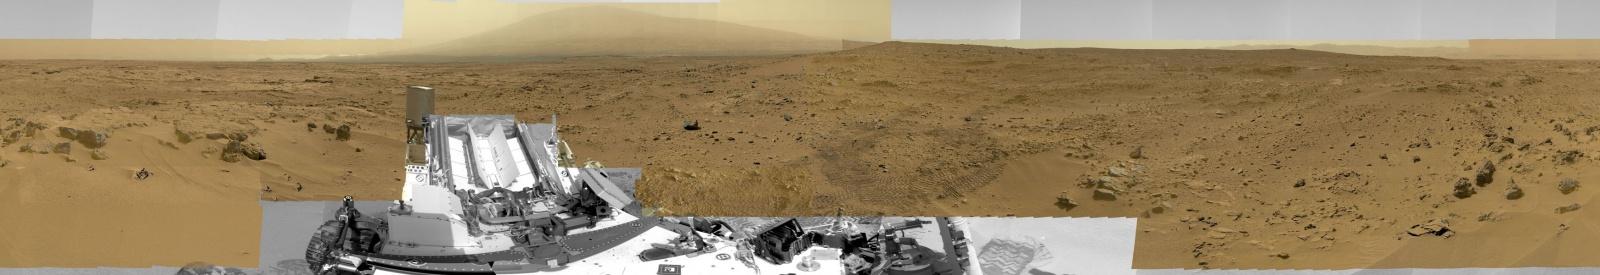 «Кьюриосити» снял панораму Марса в сверхвысоком разрешении: 1,8 млрд пикселей - 3